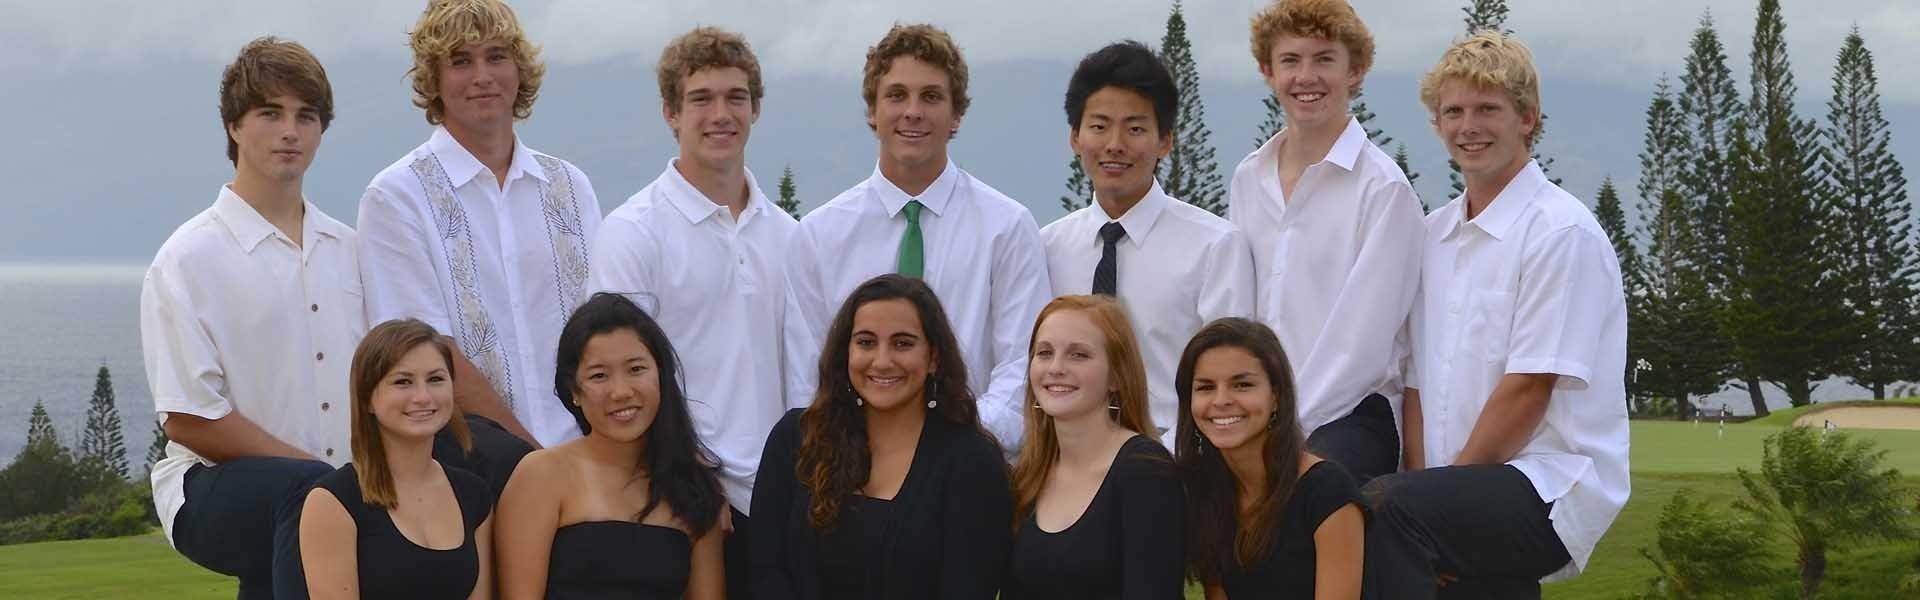 MAuiPreparatoryAcademy-Highschool-Hawaii-Students-MAin-BAnner-2019